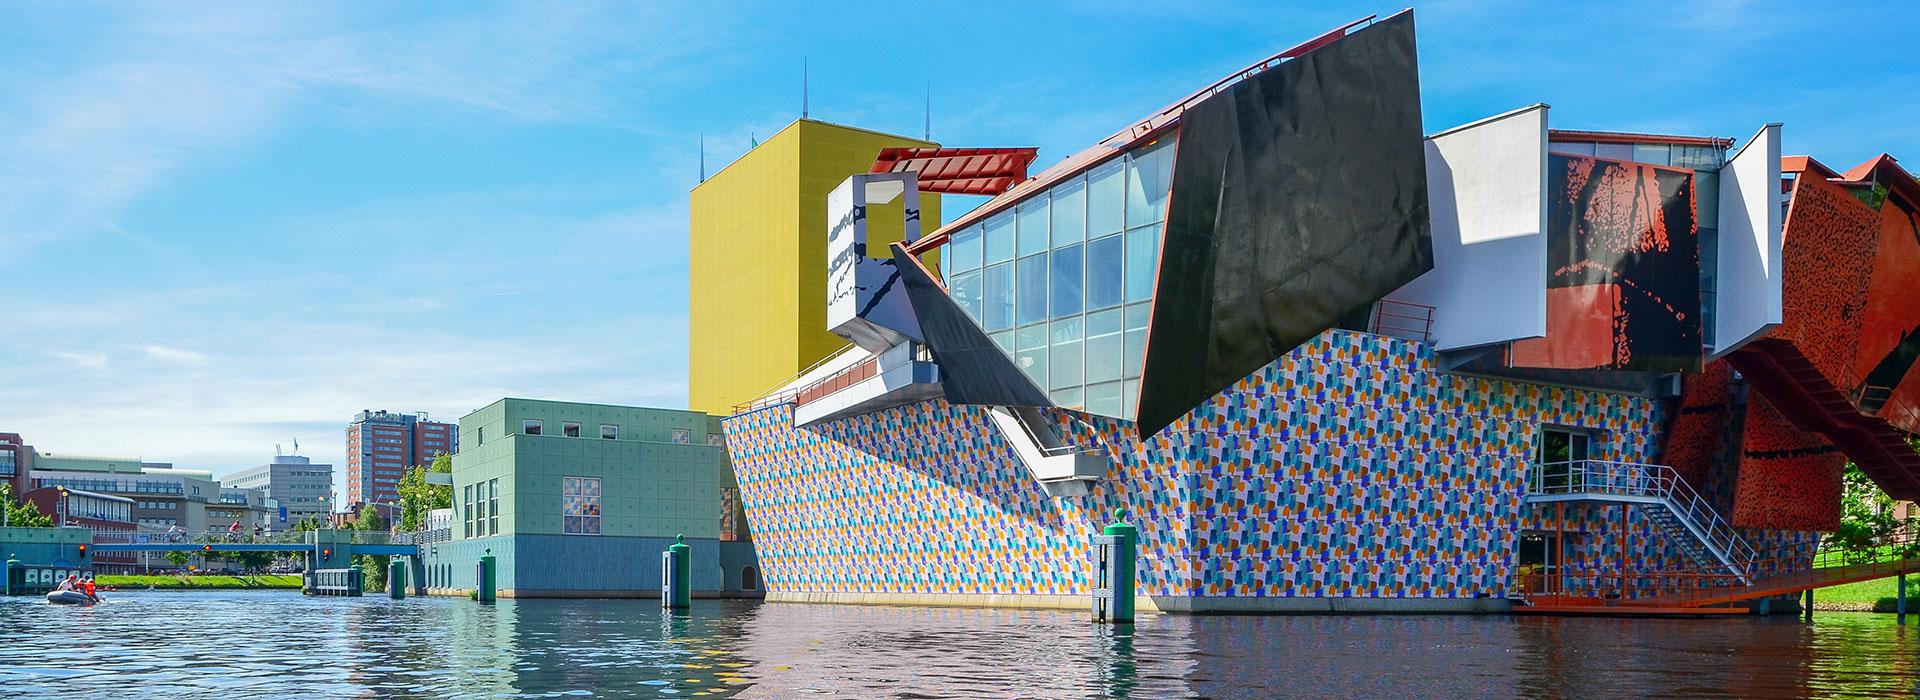 groningen-bezoeken-vakantie-in-Friesland-Ljeppershiem-vakantiepark-Groninger-museum